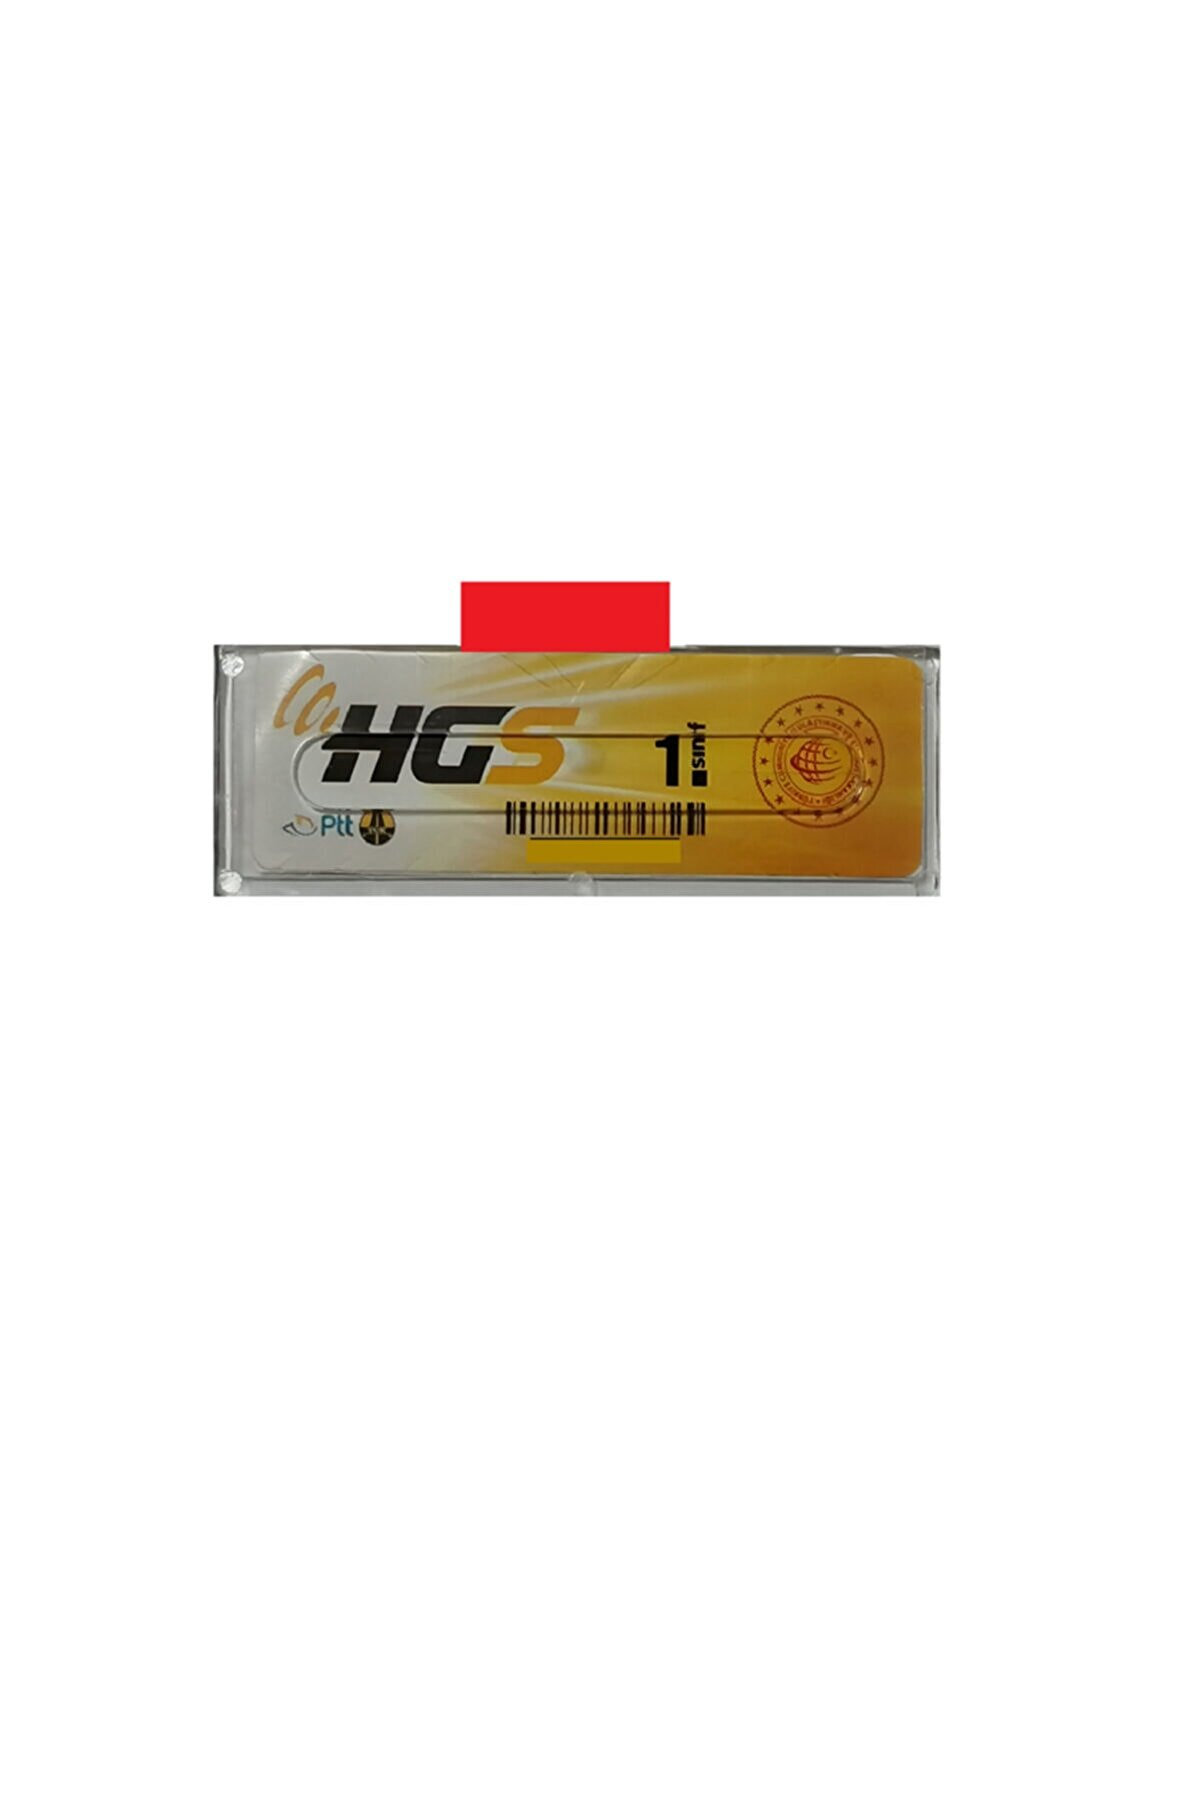 TWOX 1 Adet Hgs Etiket Aparatı ((10.25cm) 3.3 En Yeni Hgs Lere Uyumlu